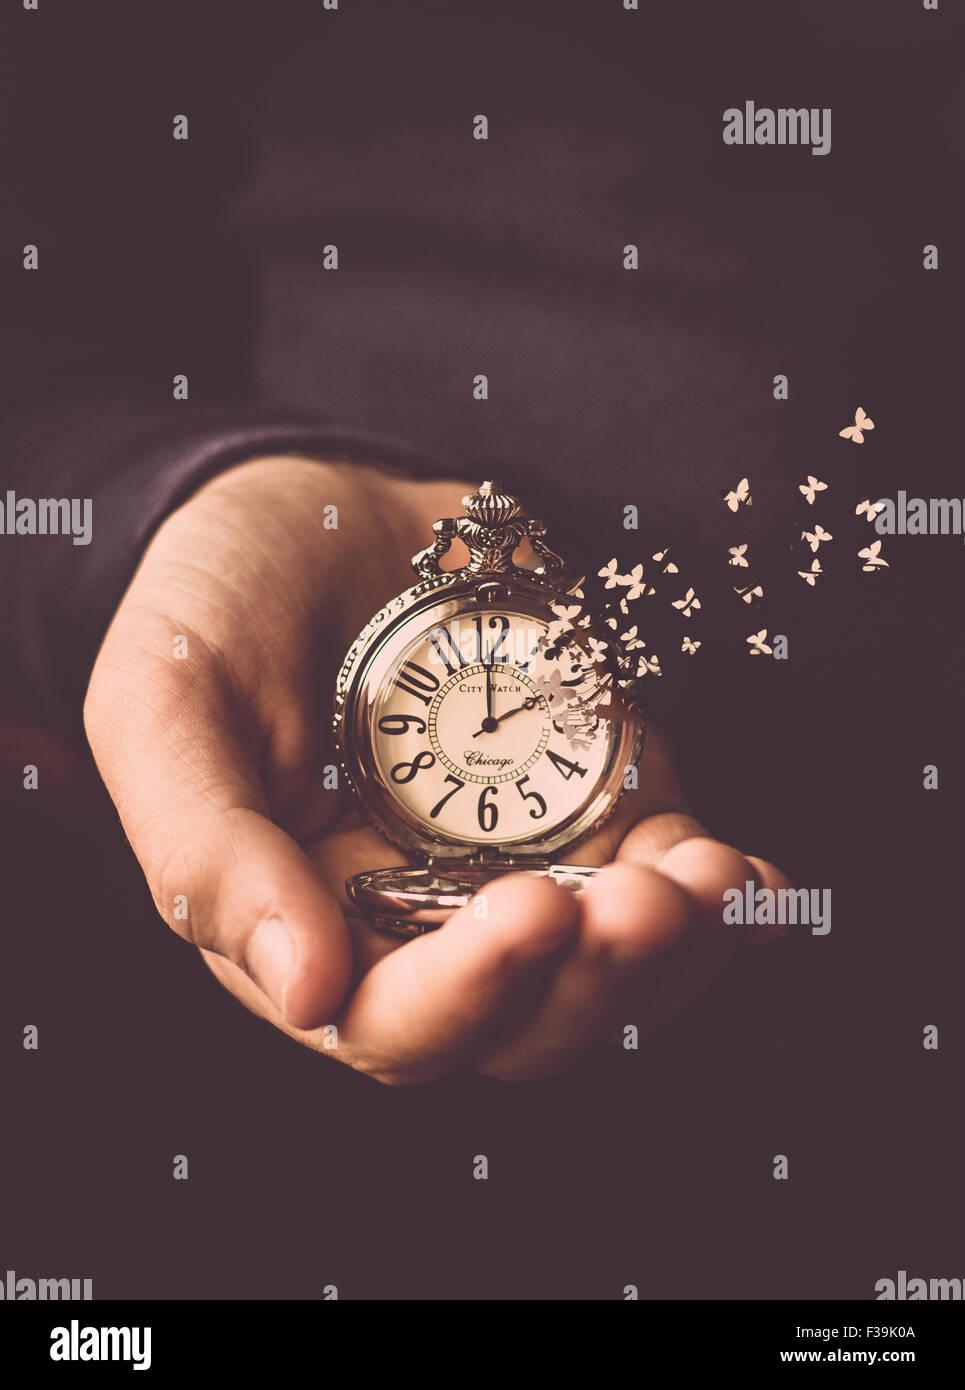 Homme tenant une montre dans sa main avec le temps de s'envoler l'horloge comme des papillons Banque D'Images